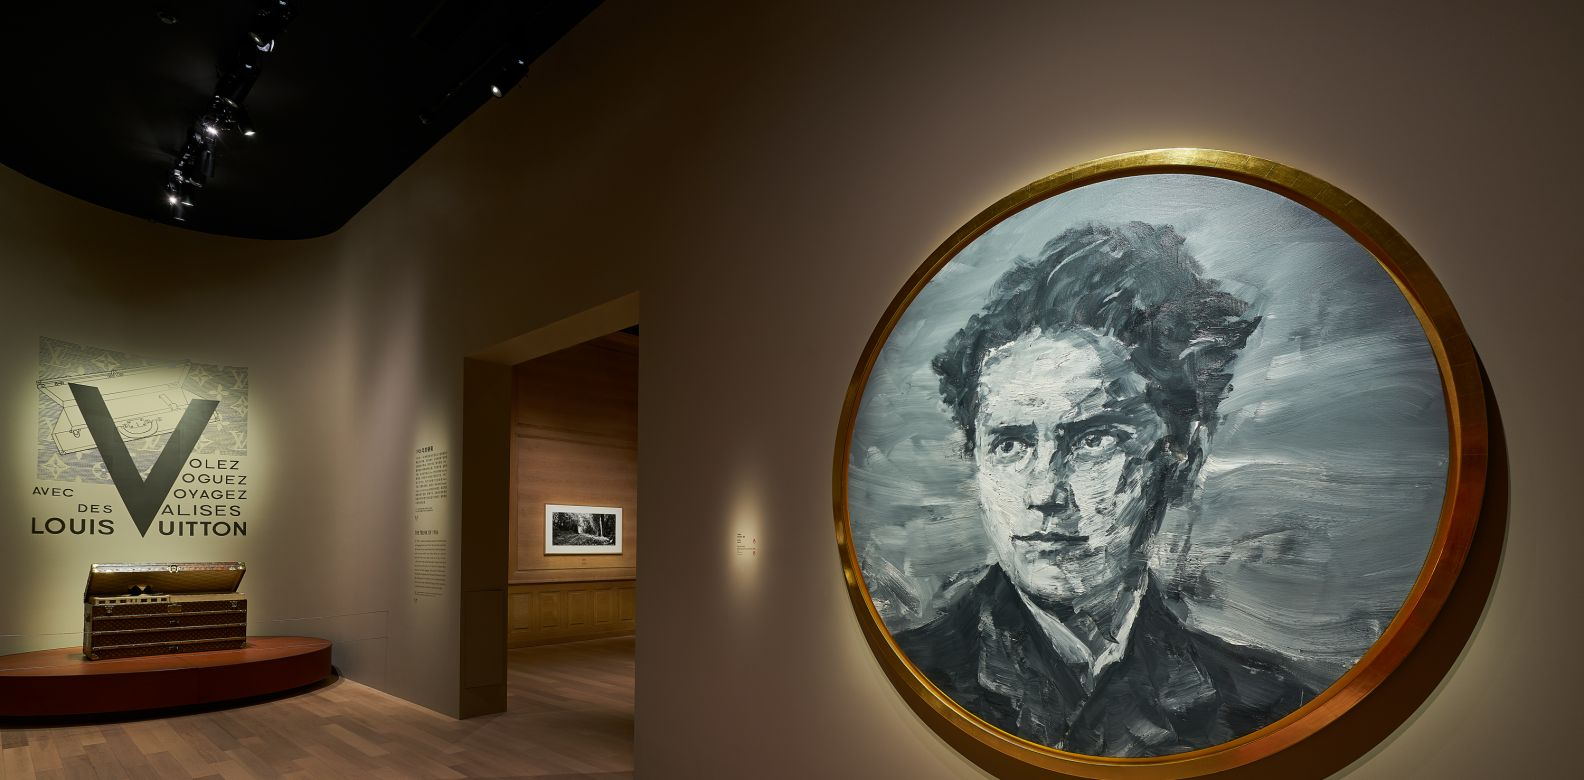 展覽由中國藝術家嚴培明所繪製的「路易‧威登青年肖像」揭開序幕。